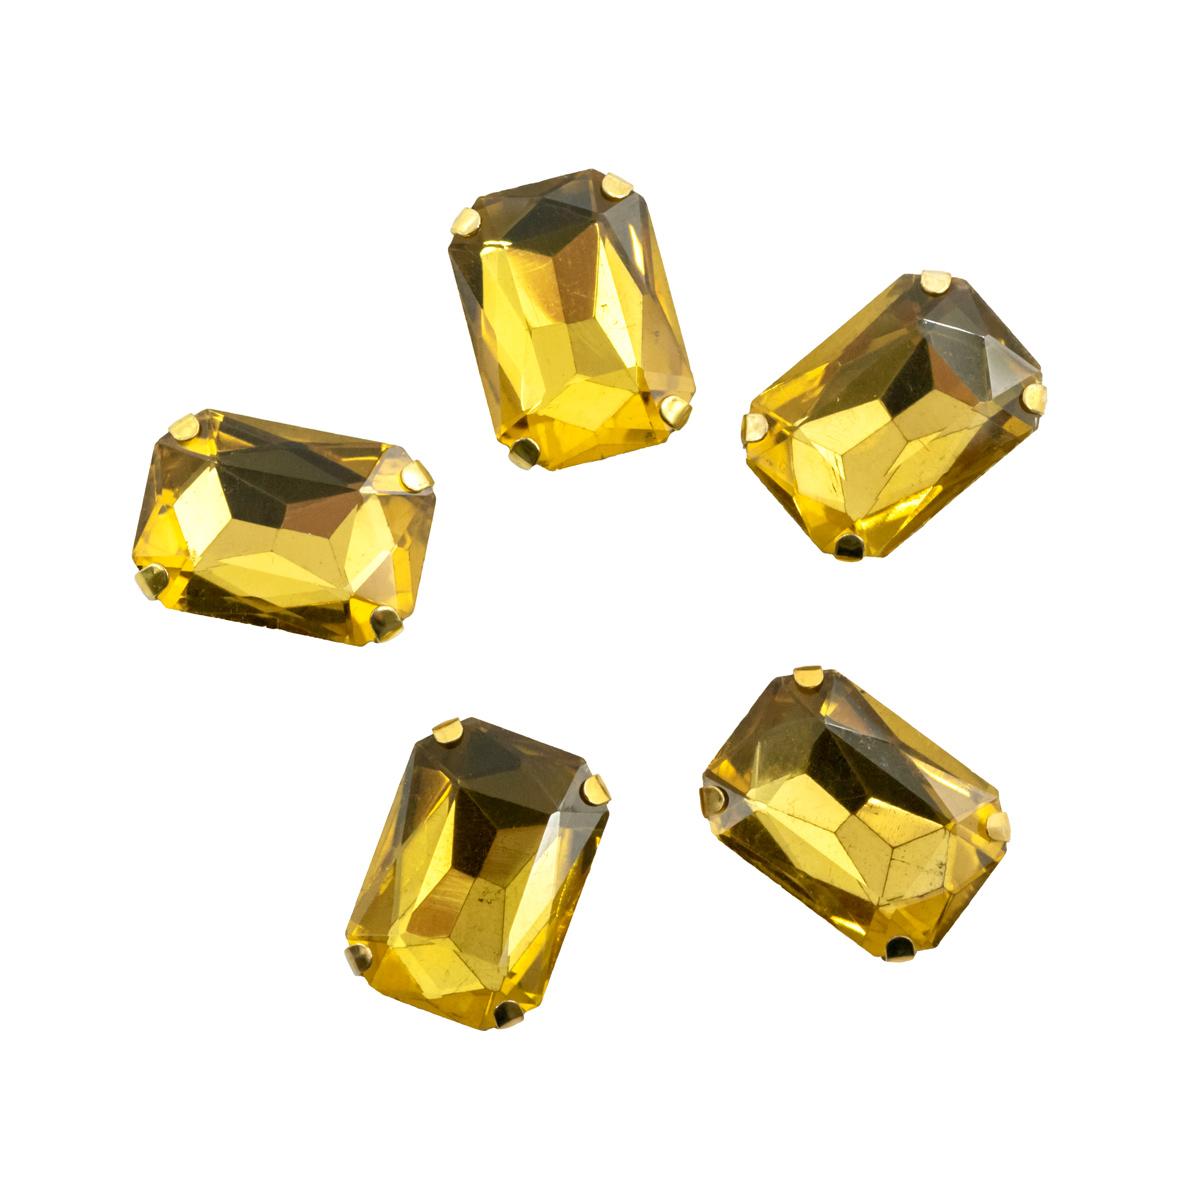 ПЦ002НН1014 Хрустальные стразы в цапах прямоугольные (золото) желтый 10*14мм, 5шт/упак Астра